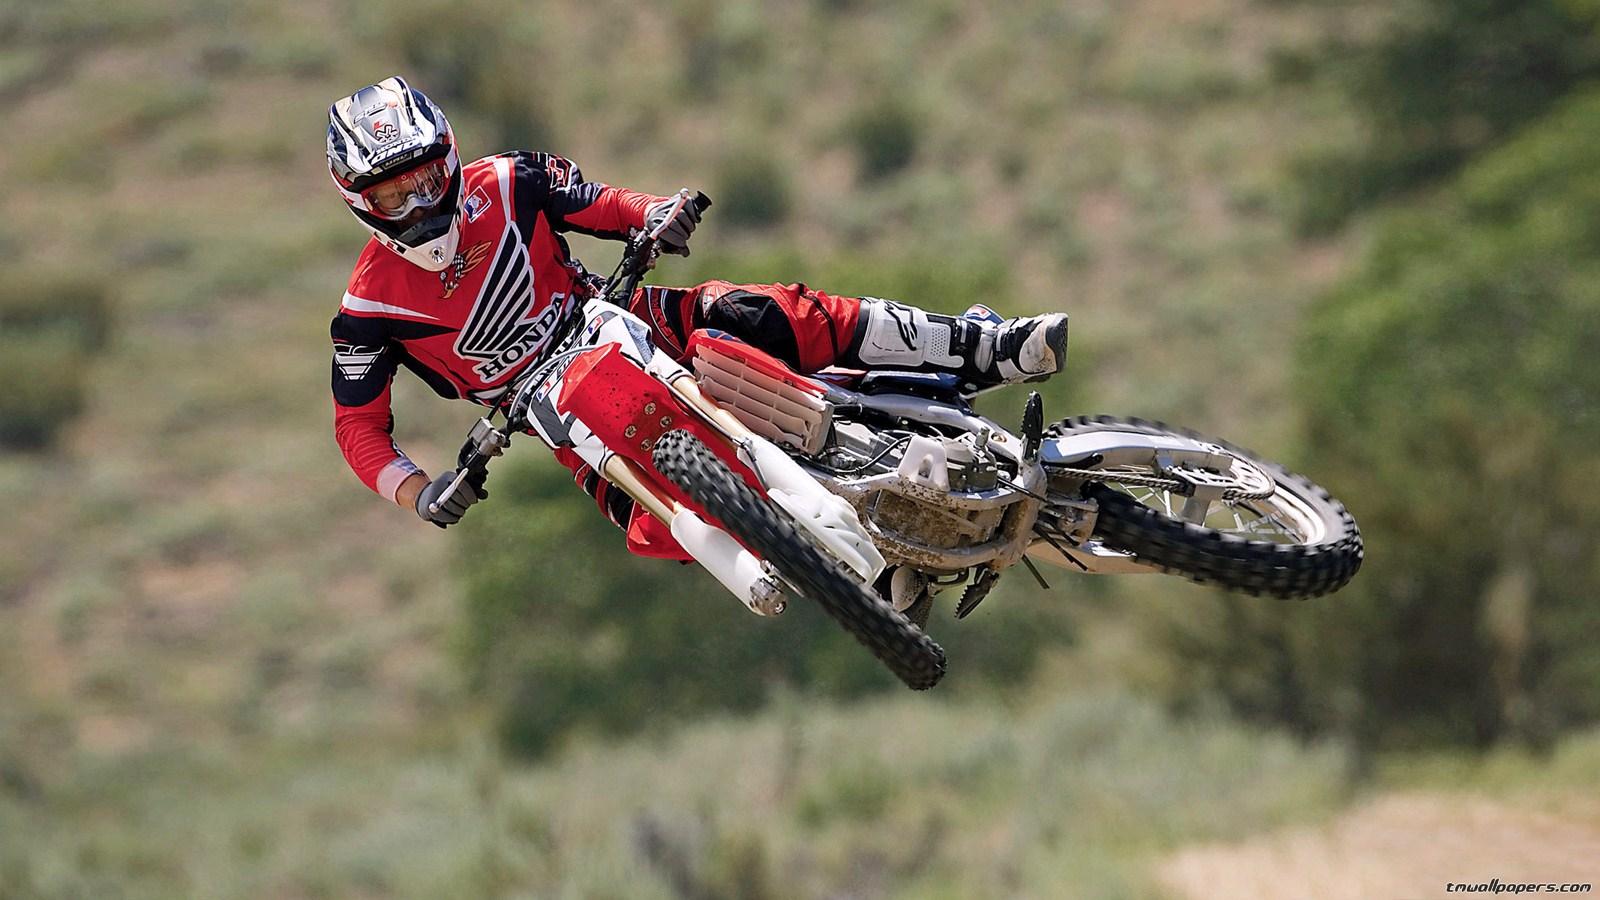 Motocross Bikes For Sale Cheap fraudentcom 1600x900